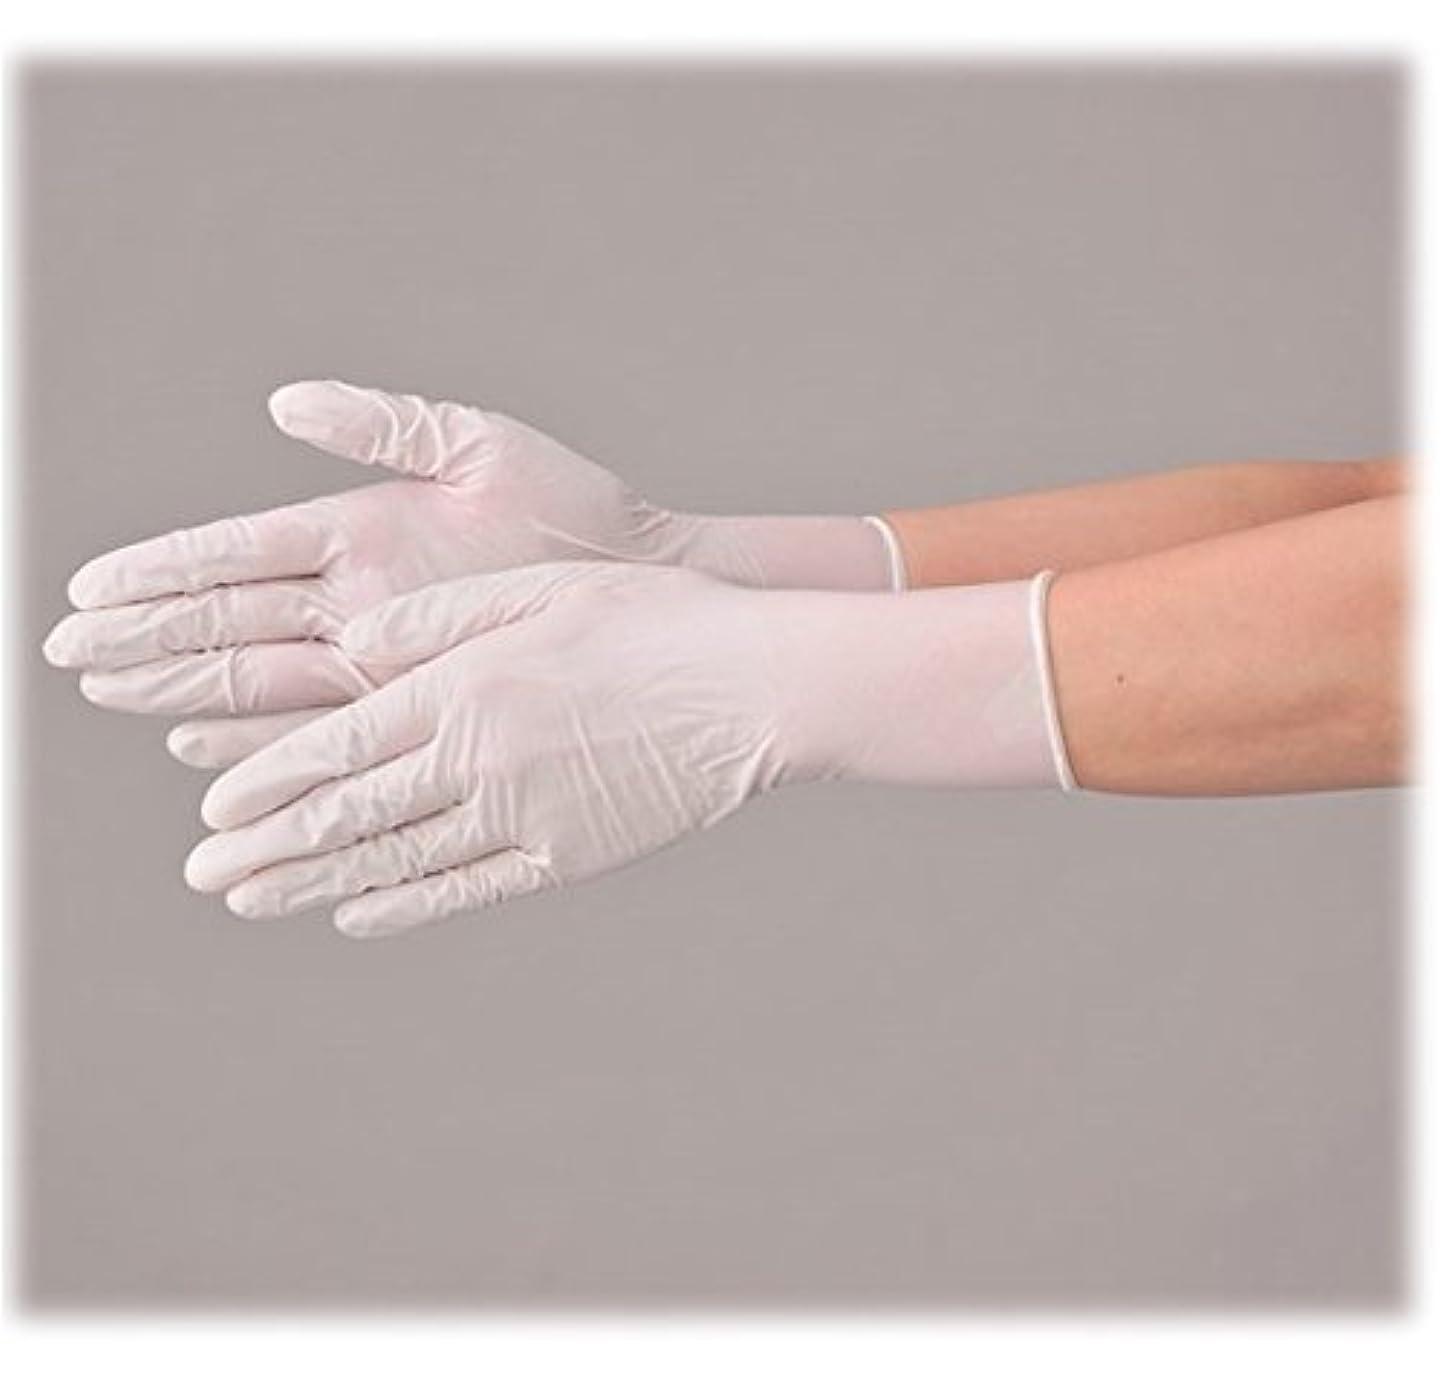 ごめんなさいマーク講師使い捨て 手袋 エブノ 531 ニトリルNEO ホワイト Mサイズ パウダー付き 2ケース(100枚×60箱)